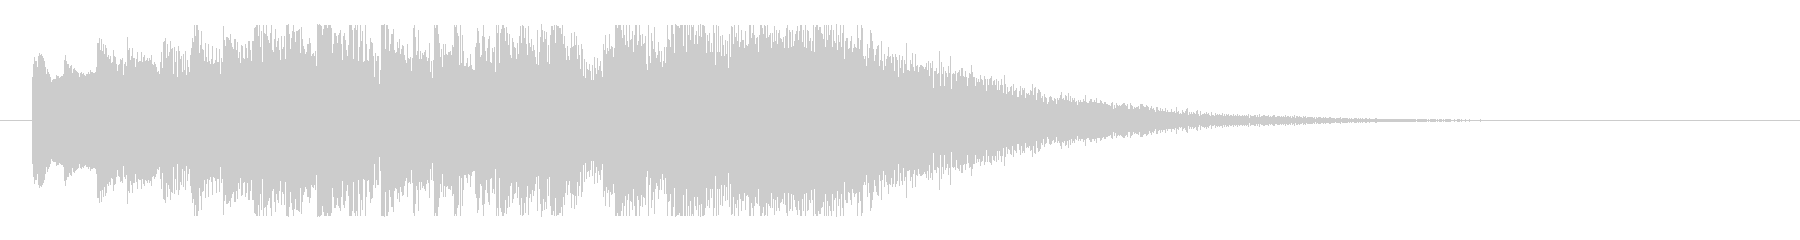 琴・尺八の情緒ある純和風ロゴの未再生の波形